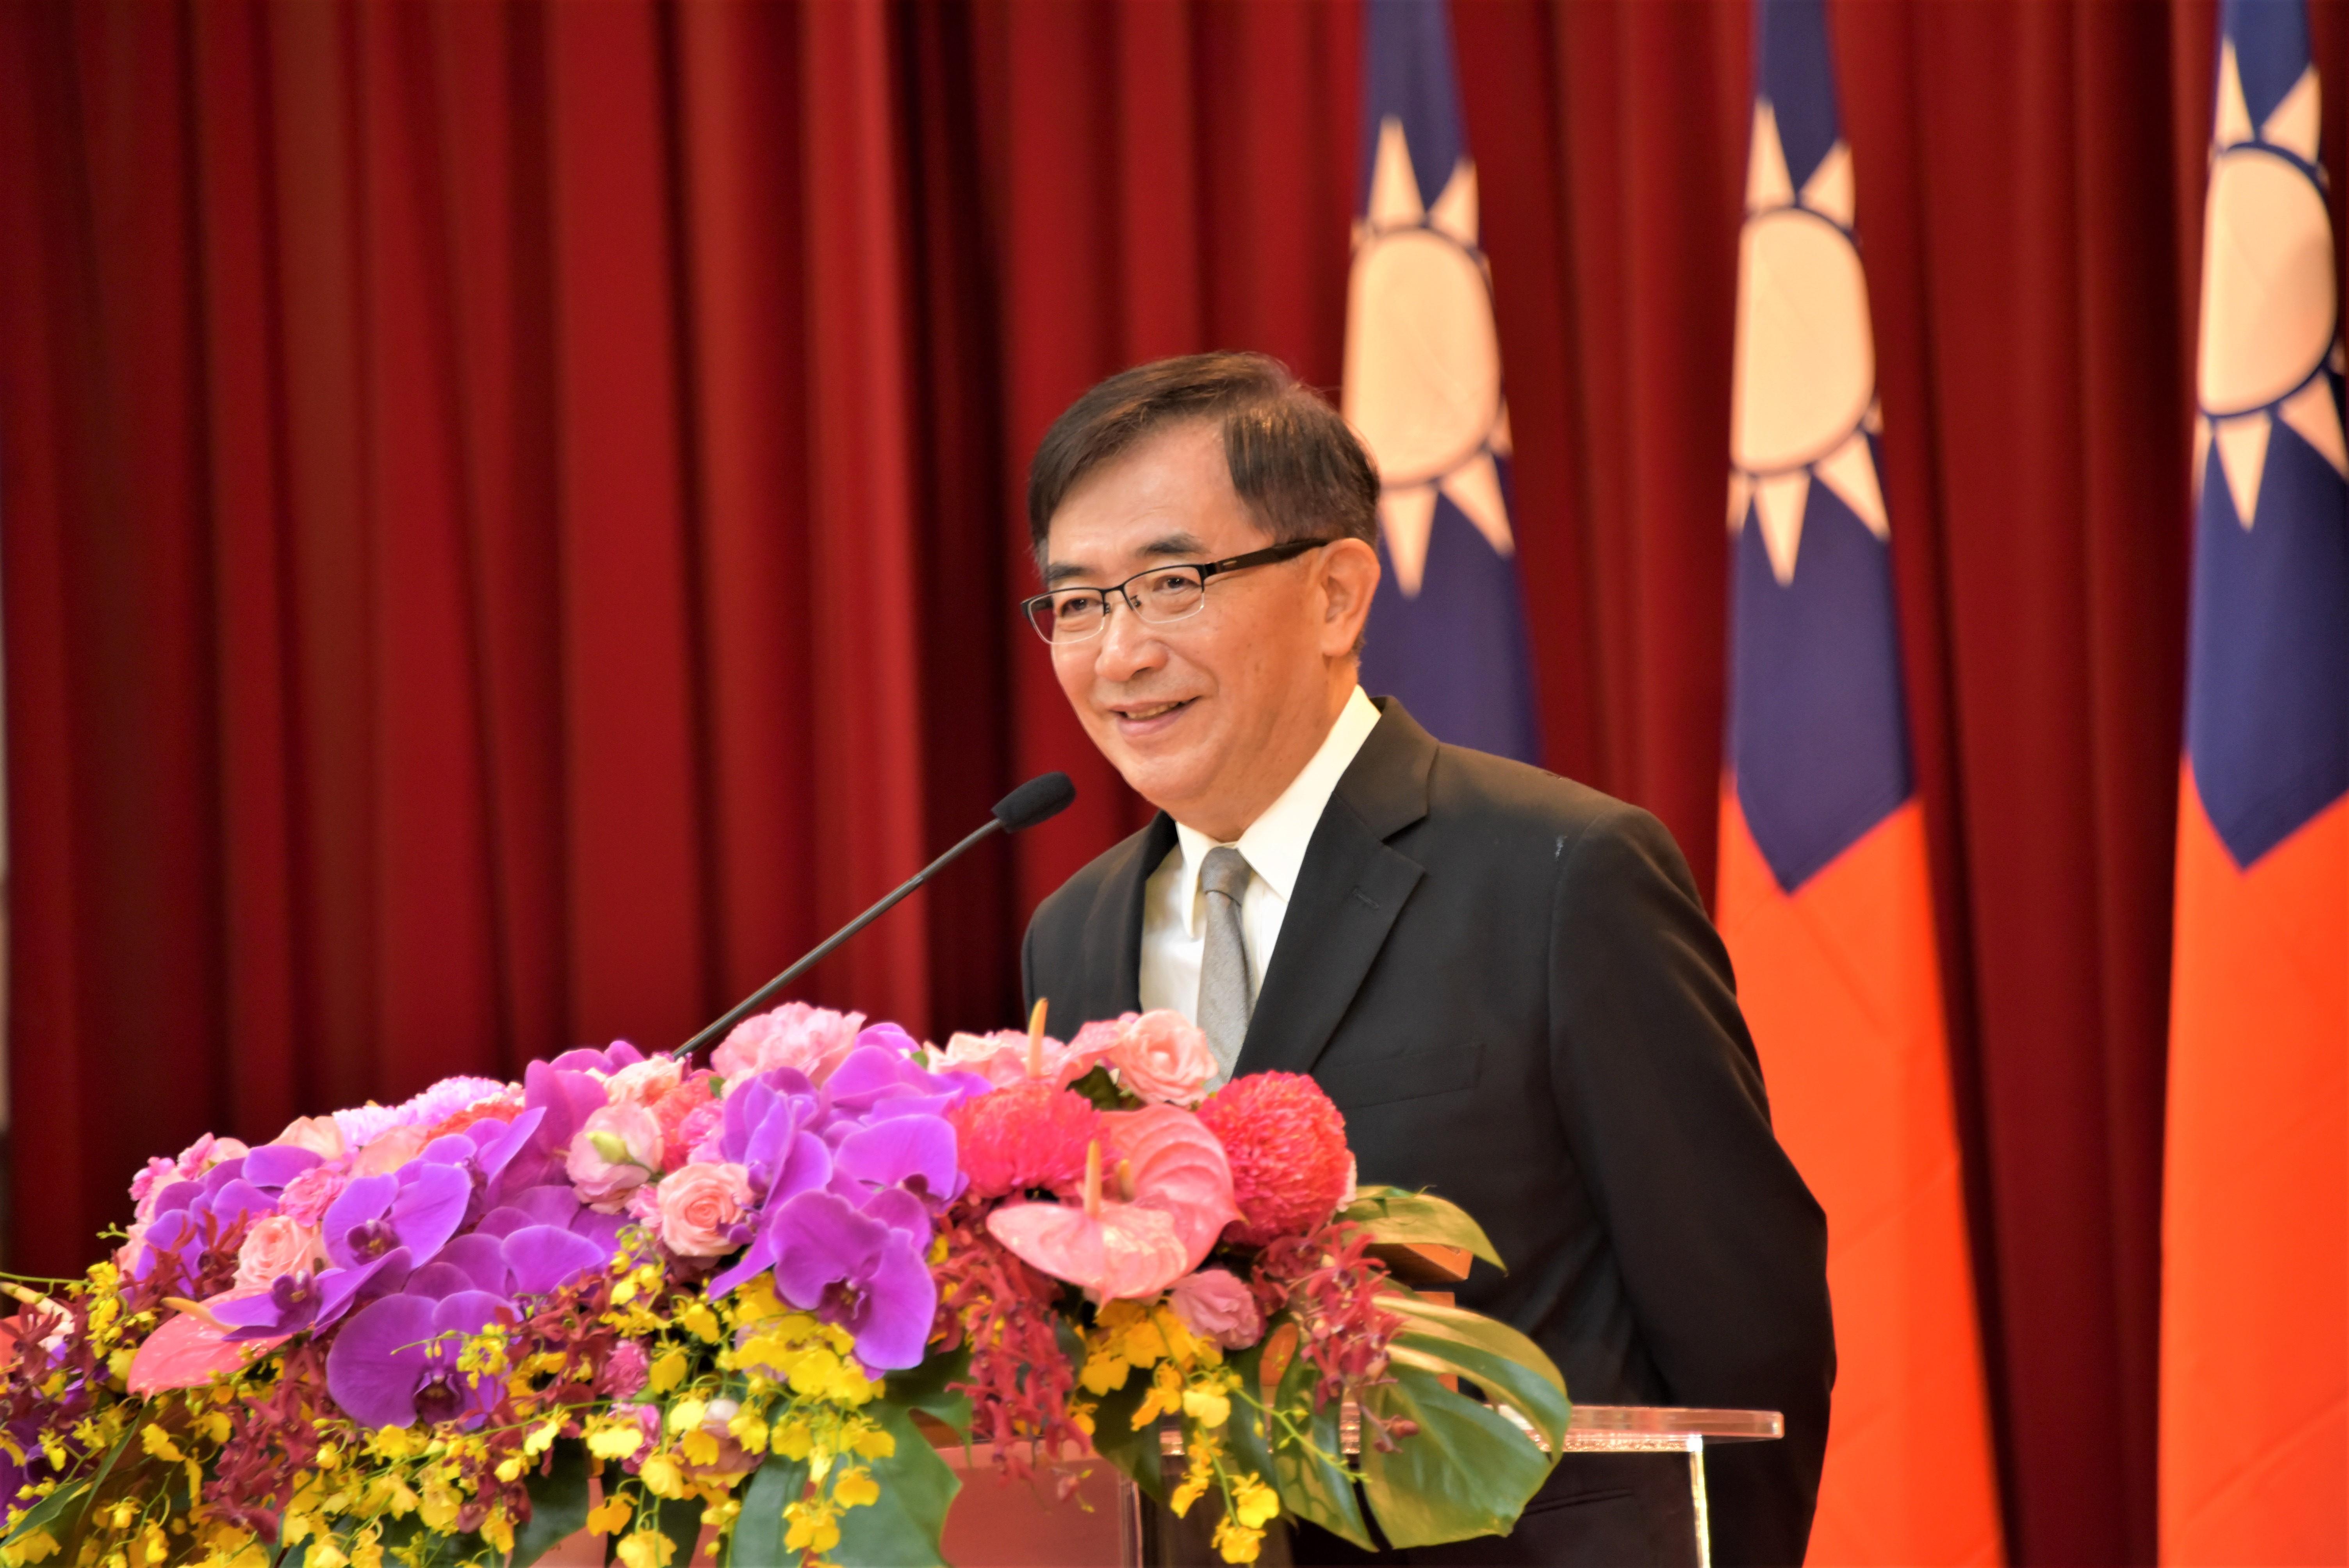 中華郵政公司董事長吳宏謀致詞